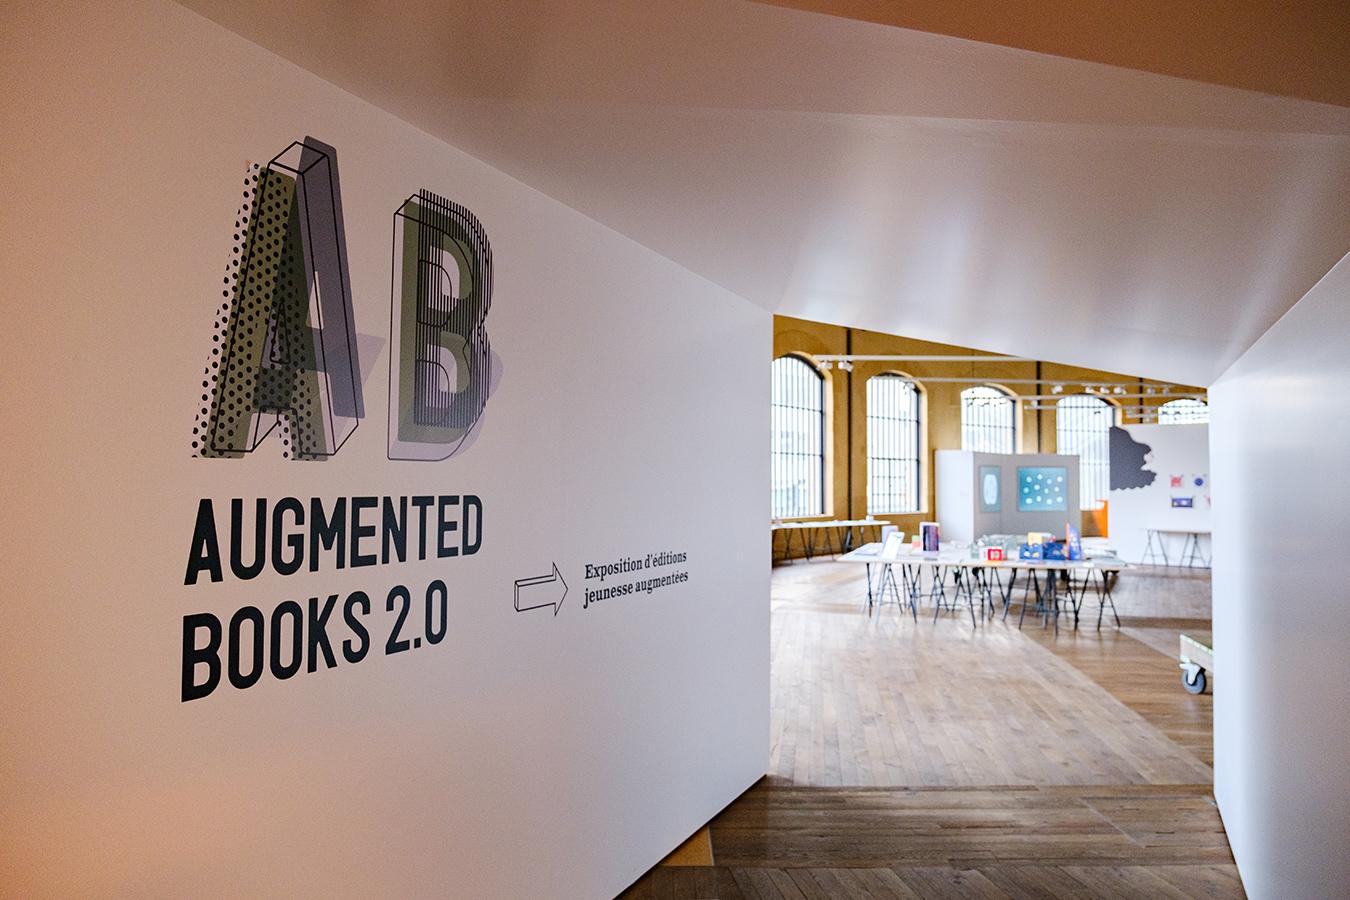 Vue de l'entrée de l'exposition AB / Augmented Books 2.0 aux Rotondes à Luxembourg